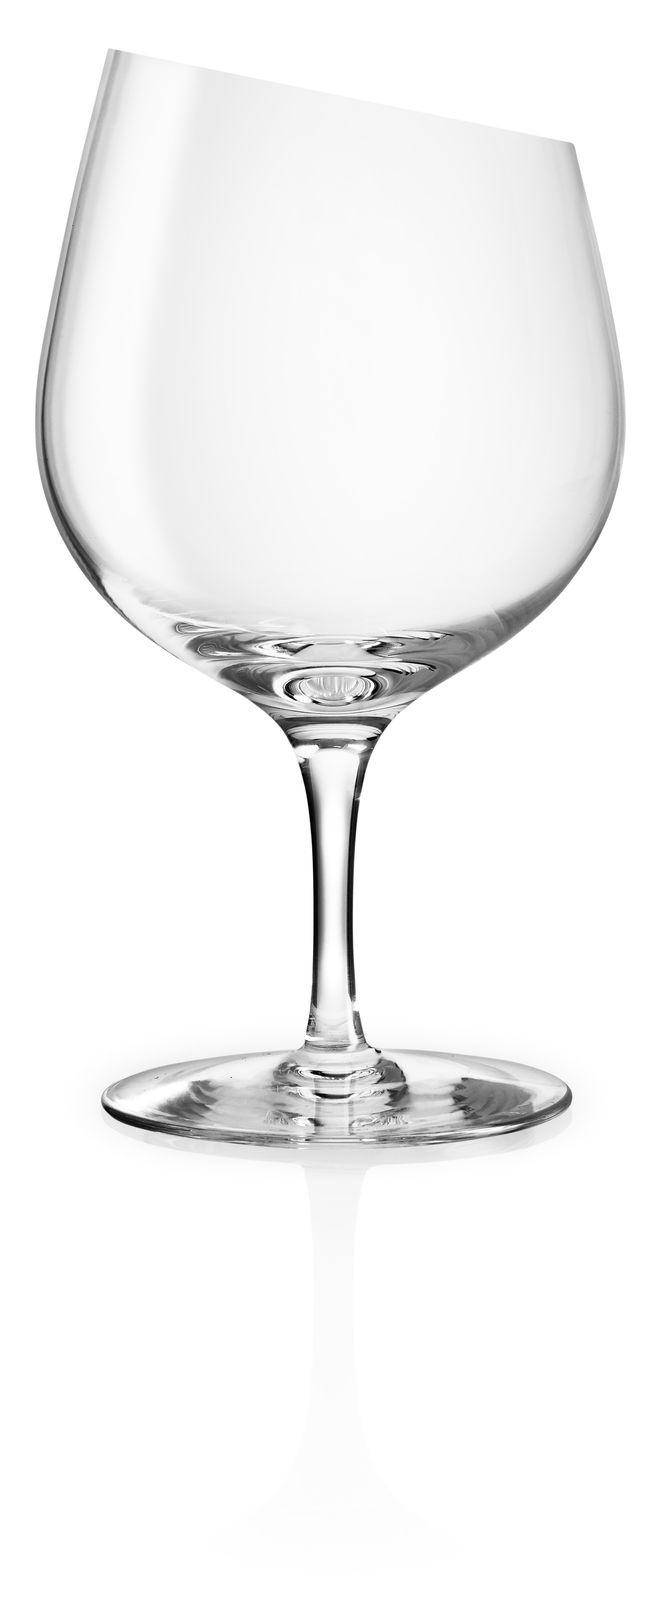 Eva Solo Glas Gin 620 ml